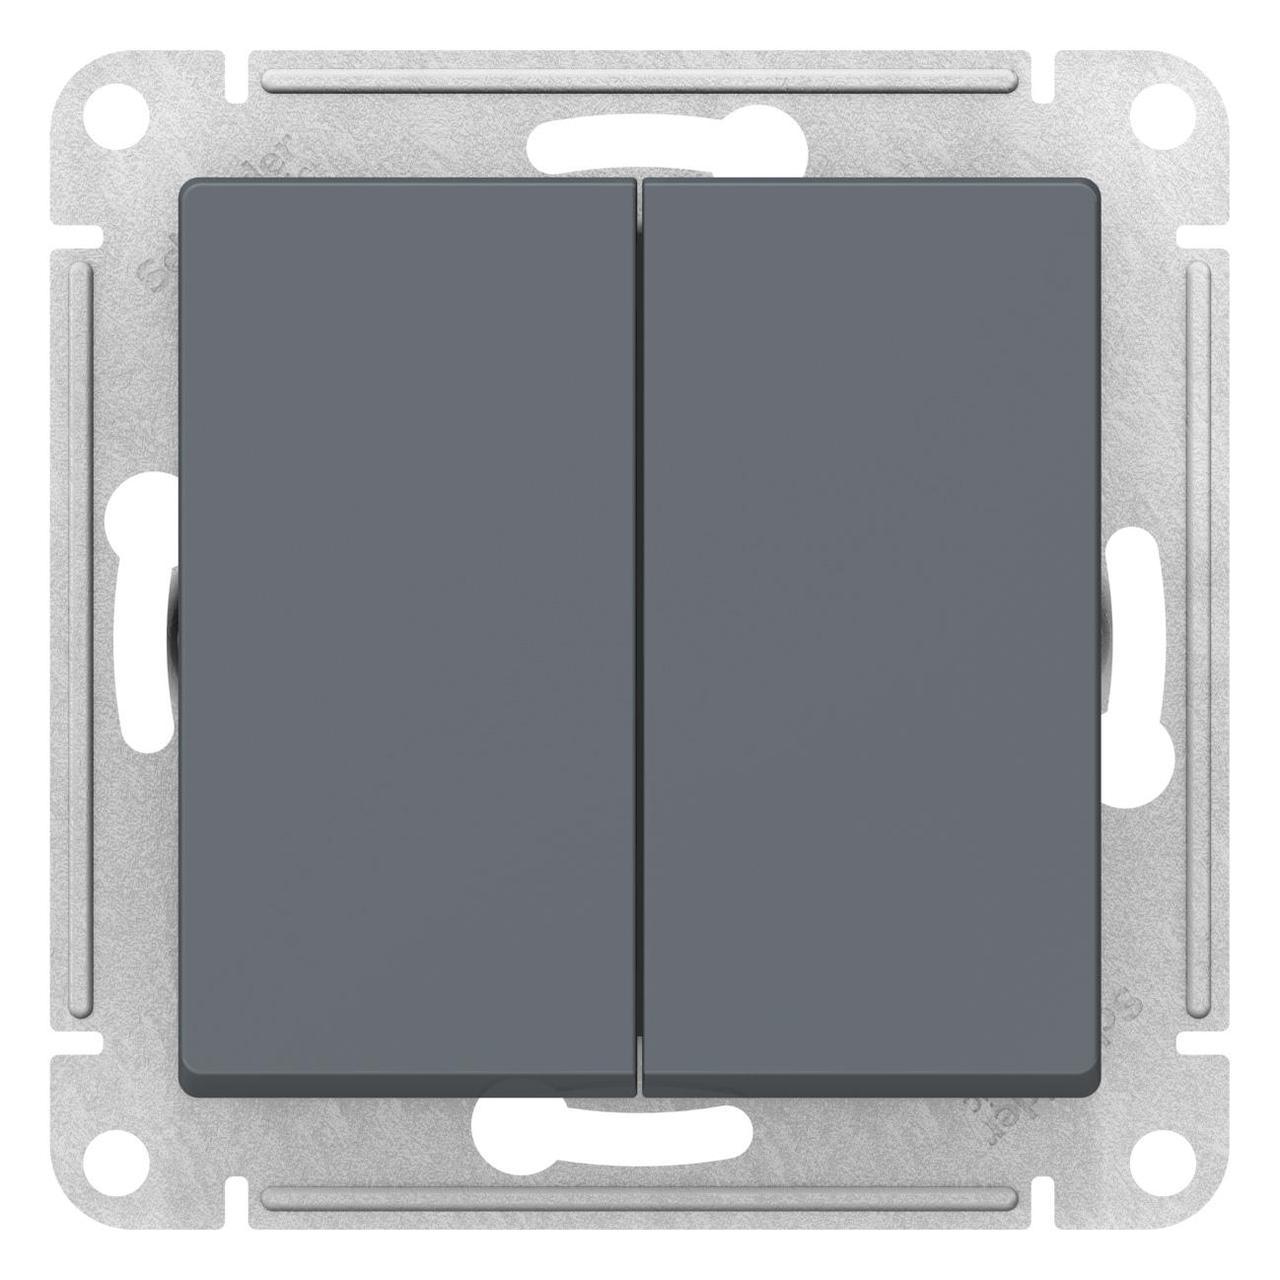 Выключатель 2-клавишный проходной (с двух мест) , Грифель, серия Atlas Design, Schneider Electric